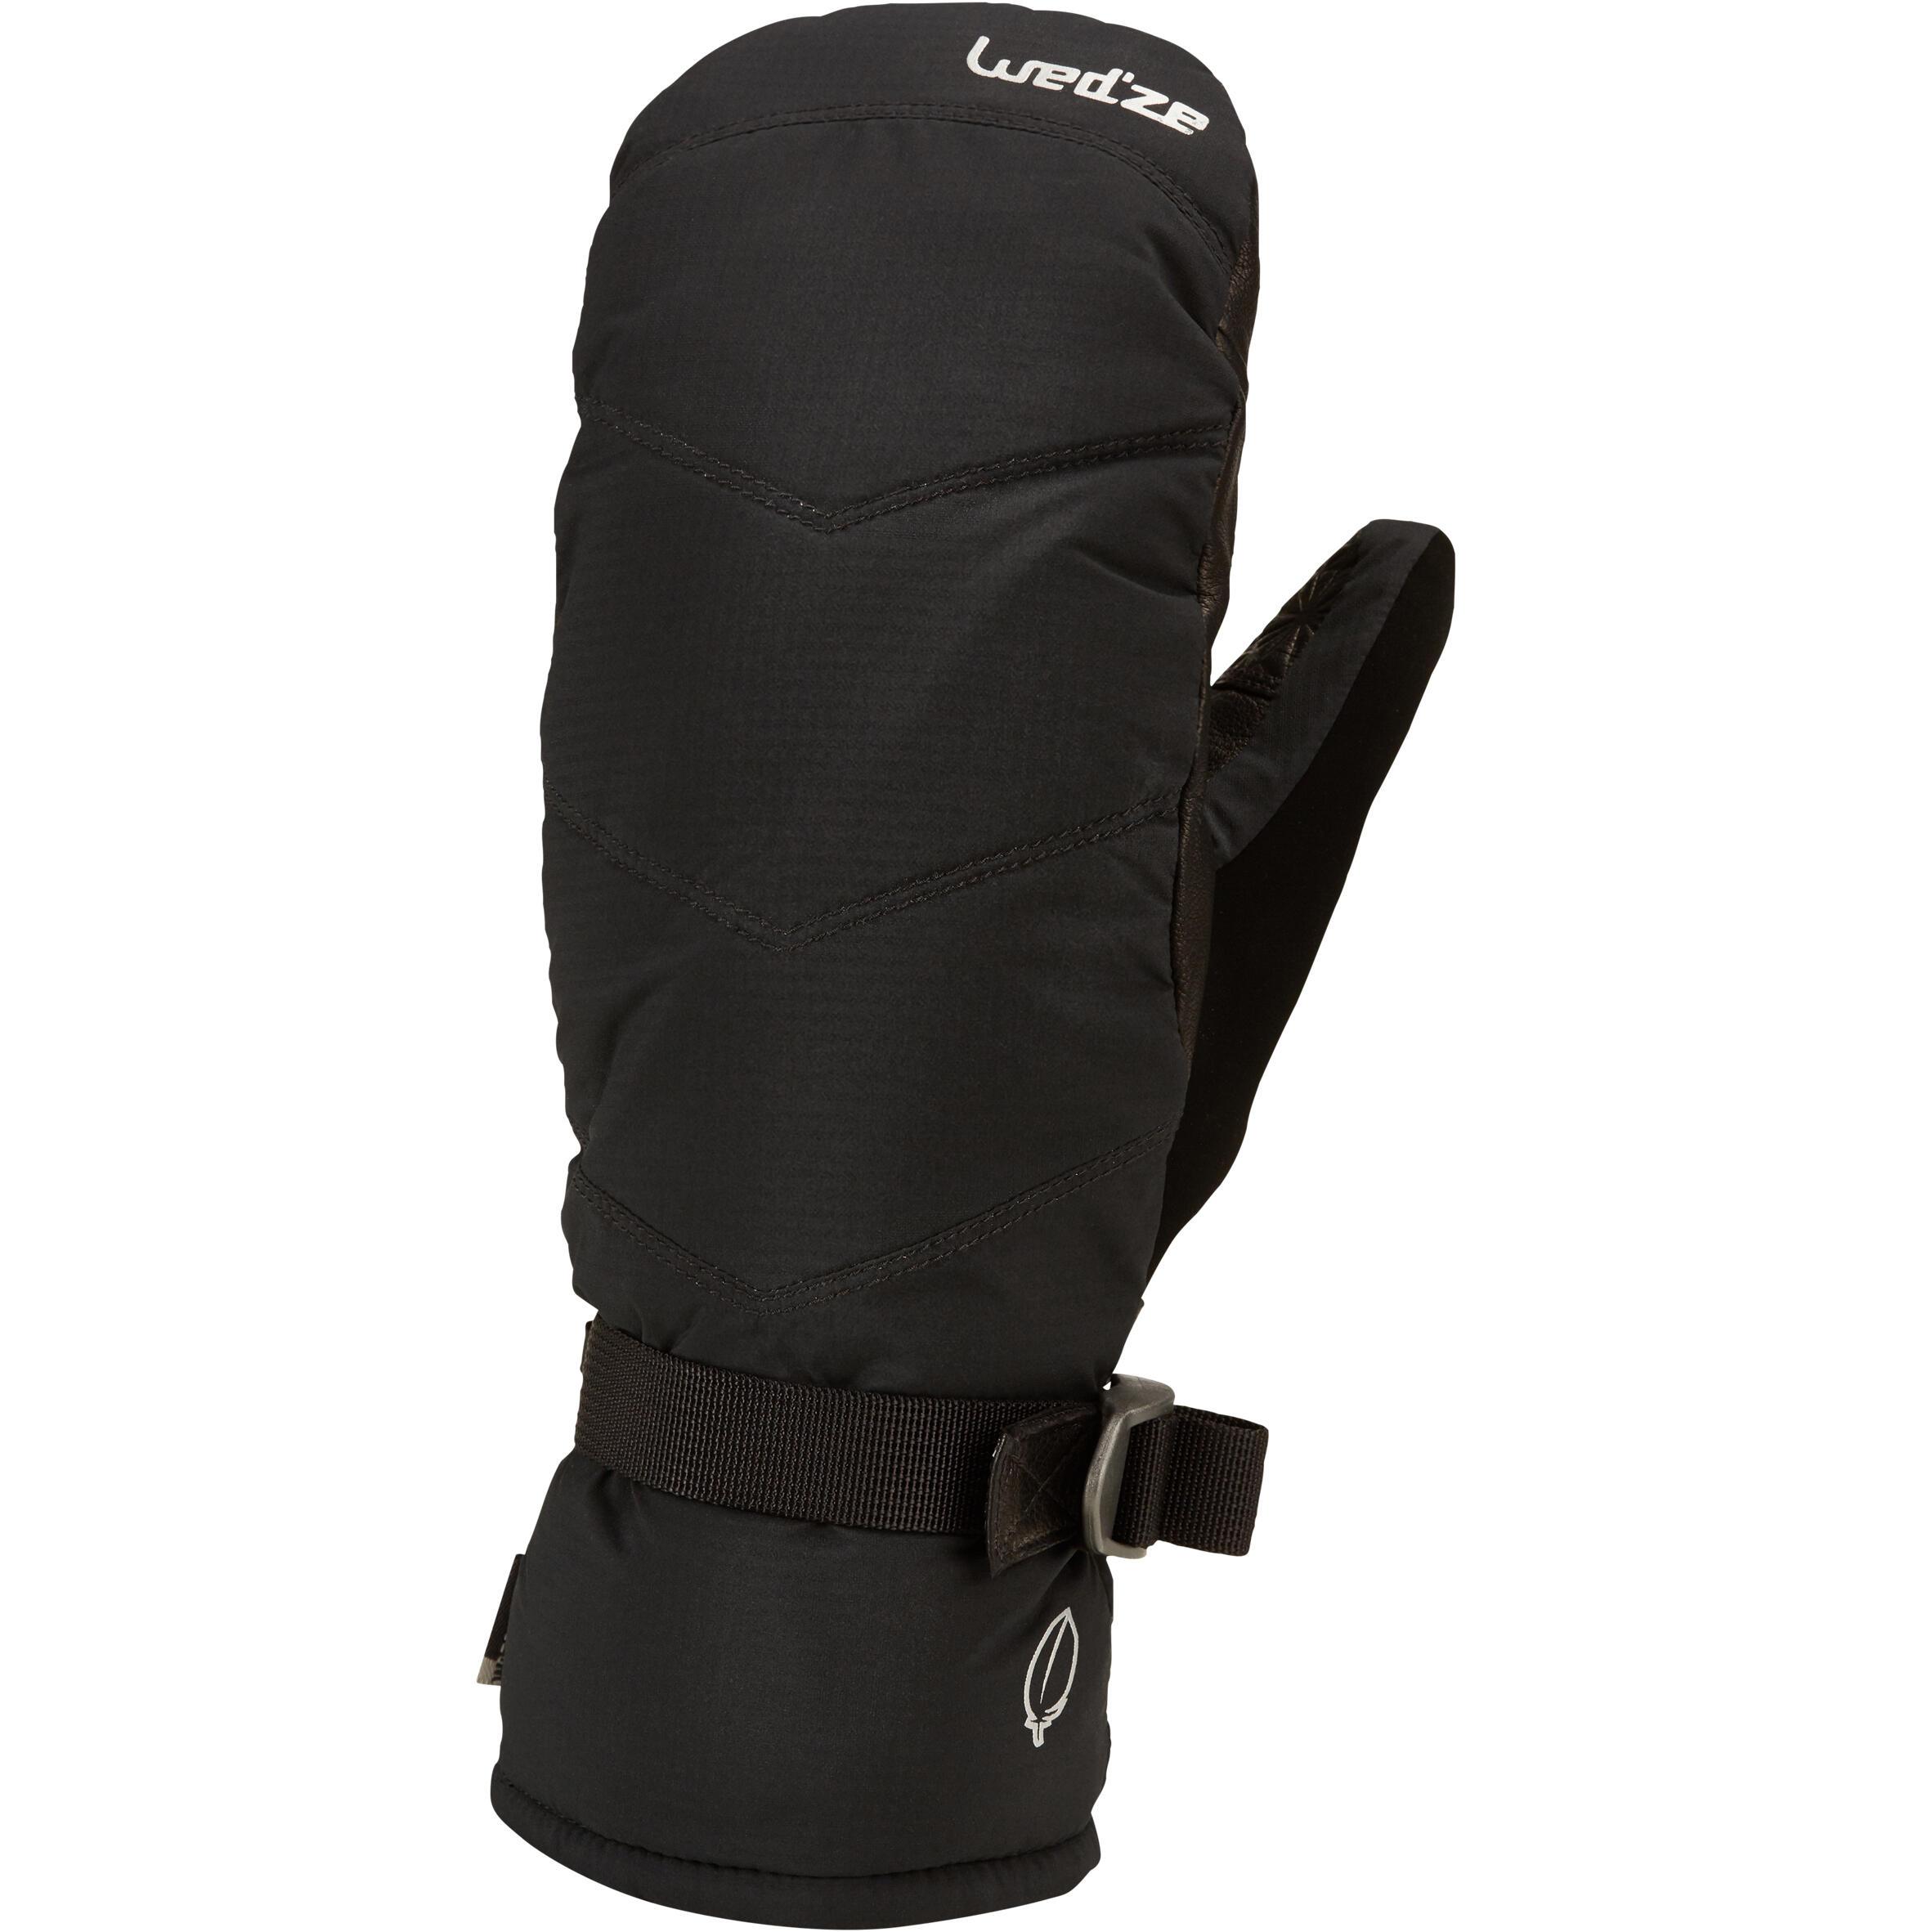 Skifäustlinge 500 Erwachsene schwarz | Accessoires > Handschuhe > Fäustlinge | Wedze